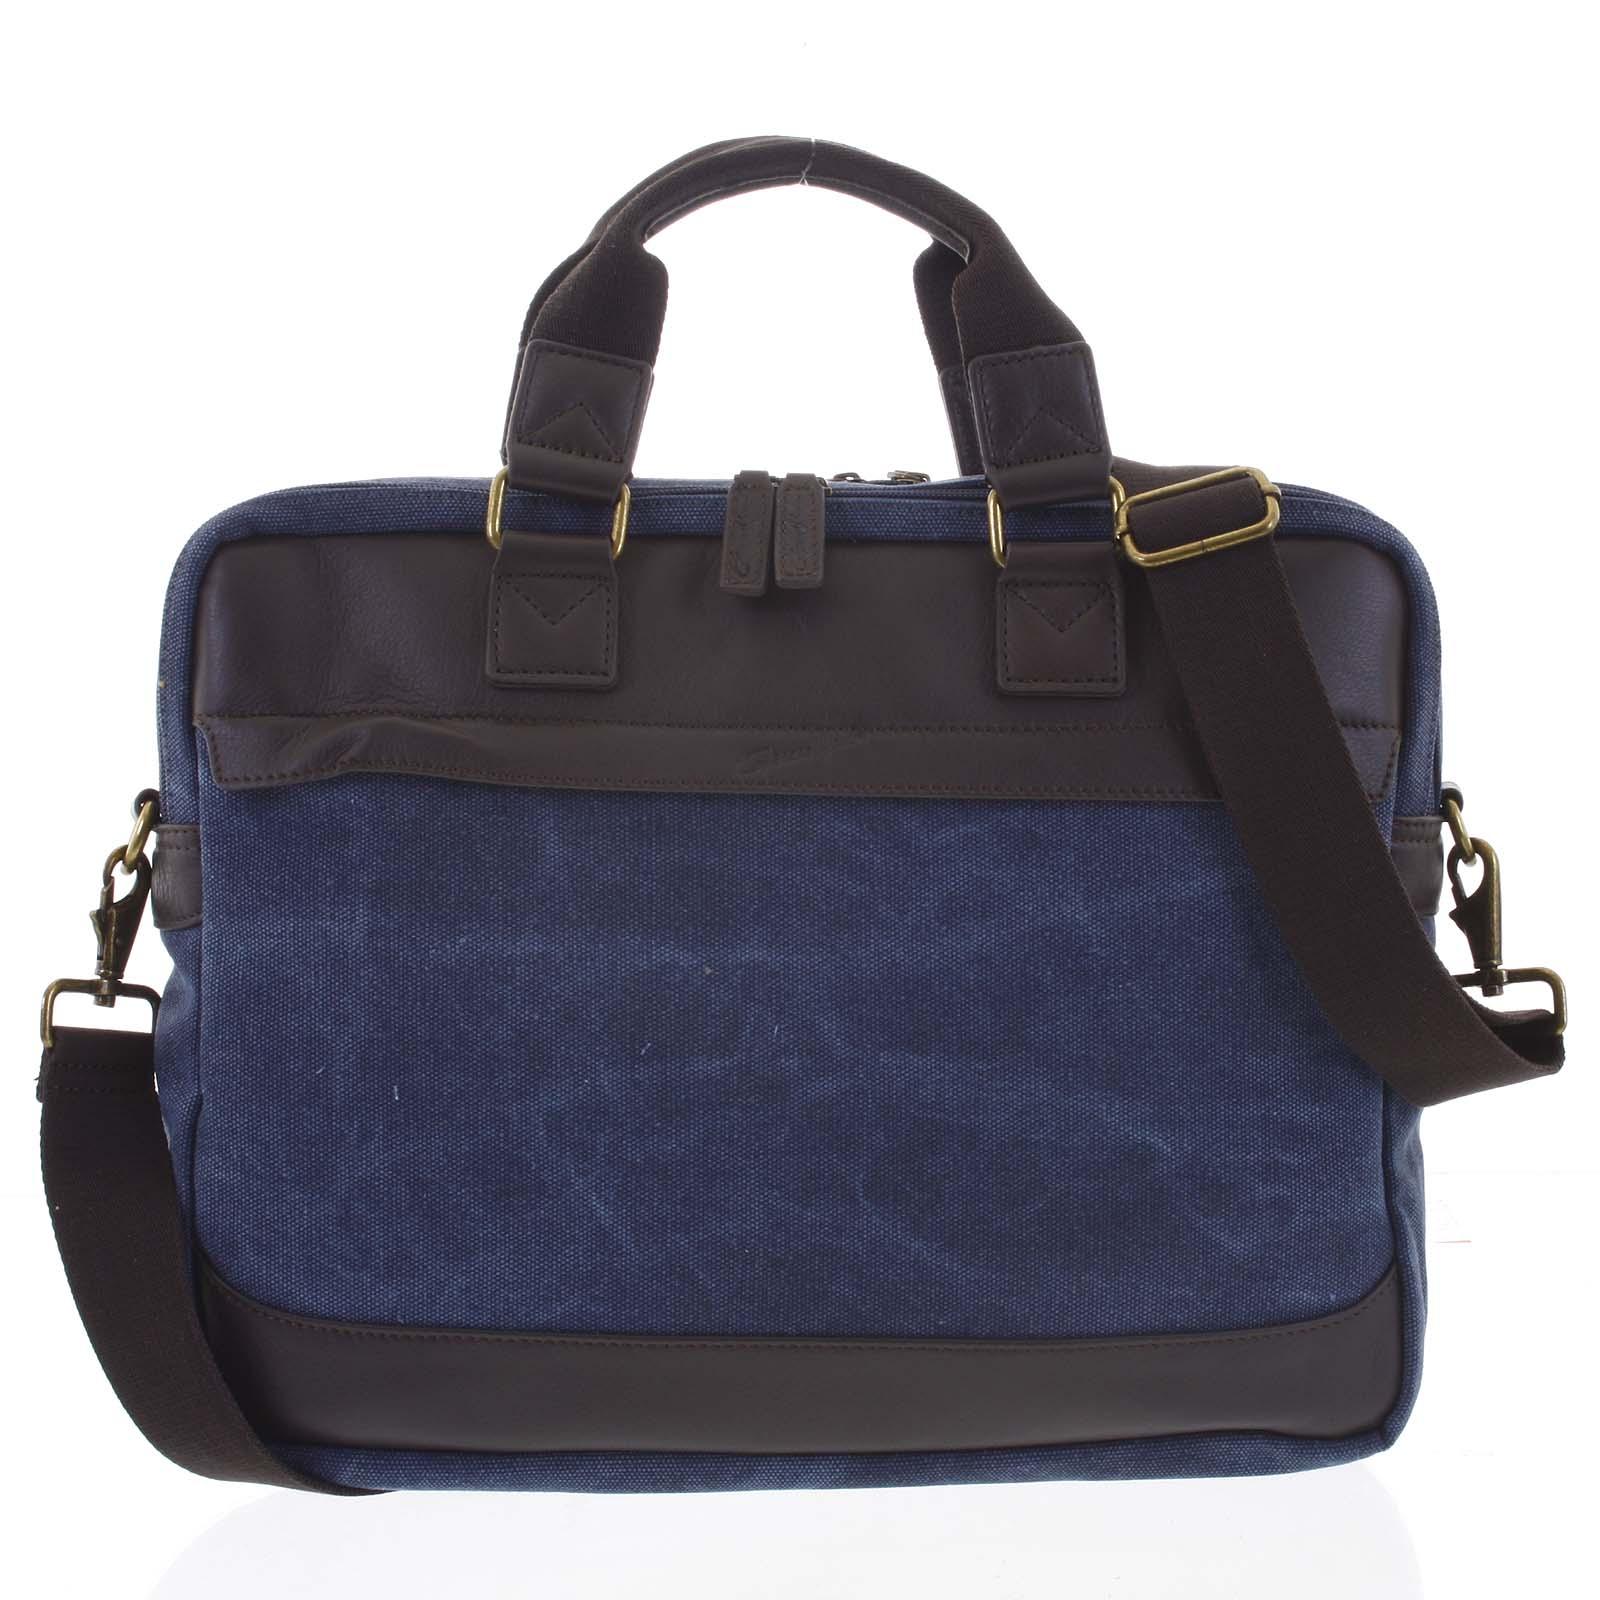 Luxusná stredná pánska taška s koženými detailmi modrá - Gerard Henon Baron modrá